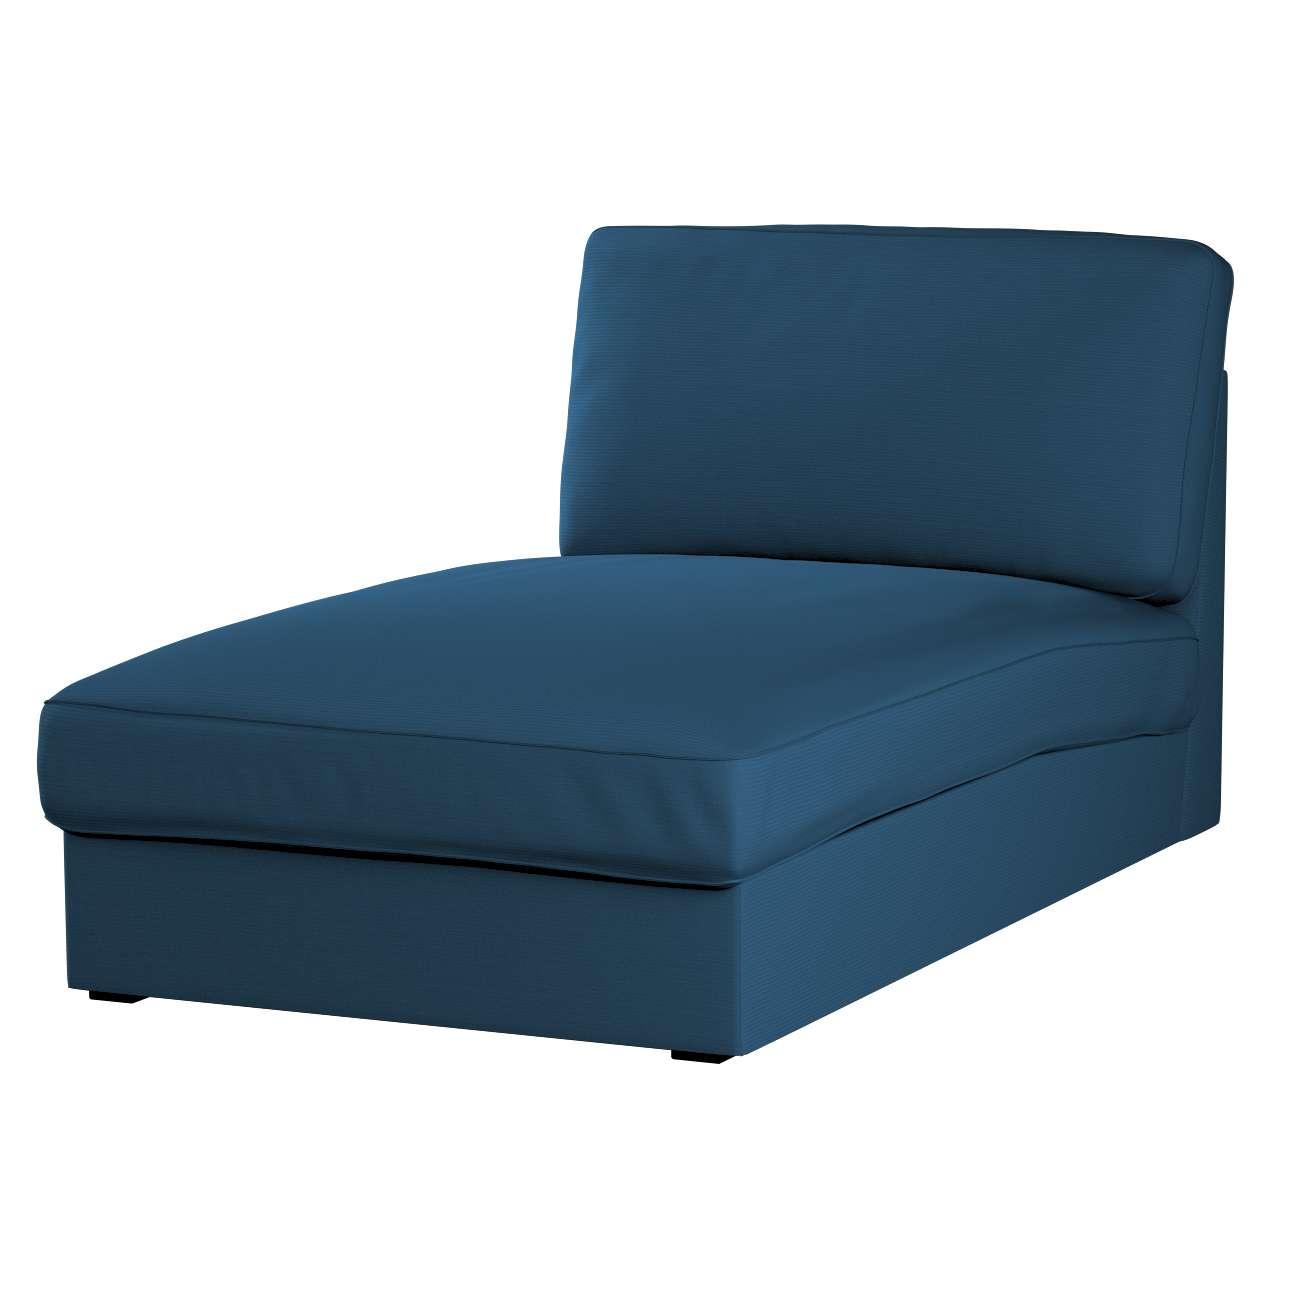 KIVIK gulimojo krėslo užvalkalas Kivik chaise longue kolekcijoje Cotton Panama, audinys: 702-30